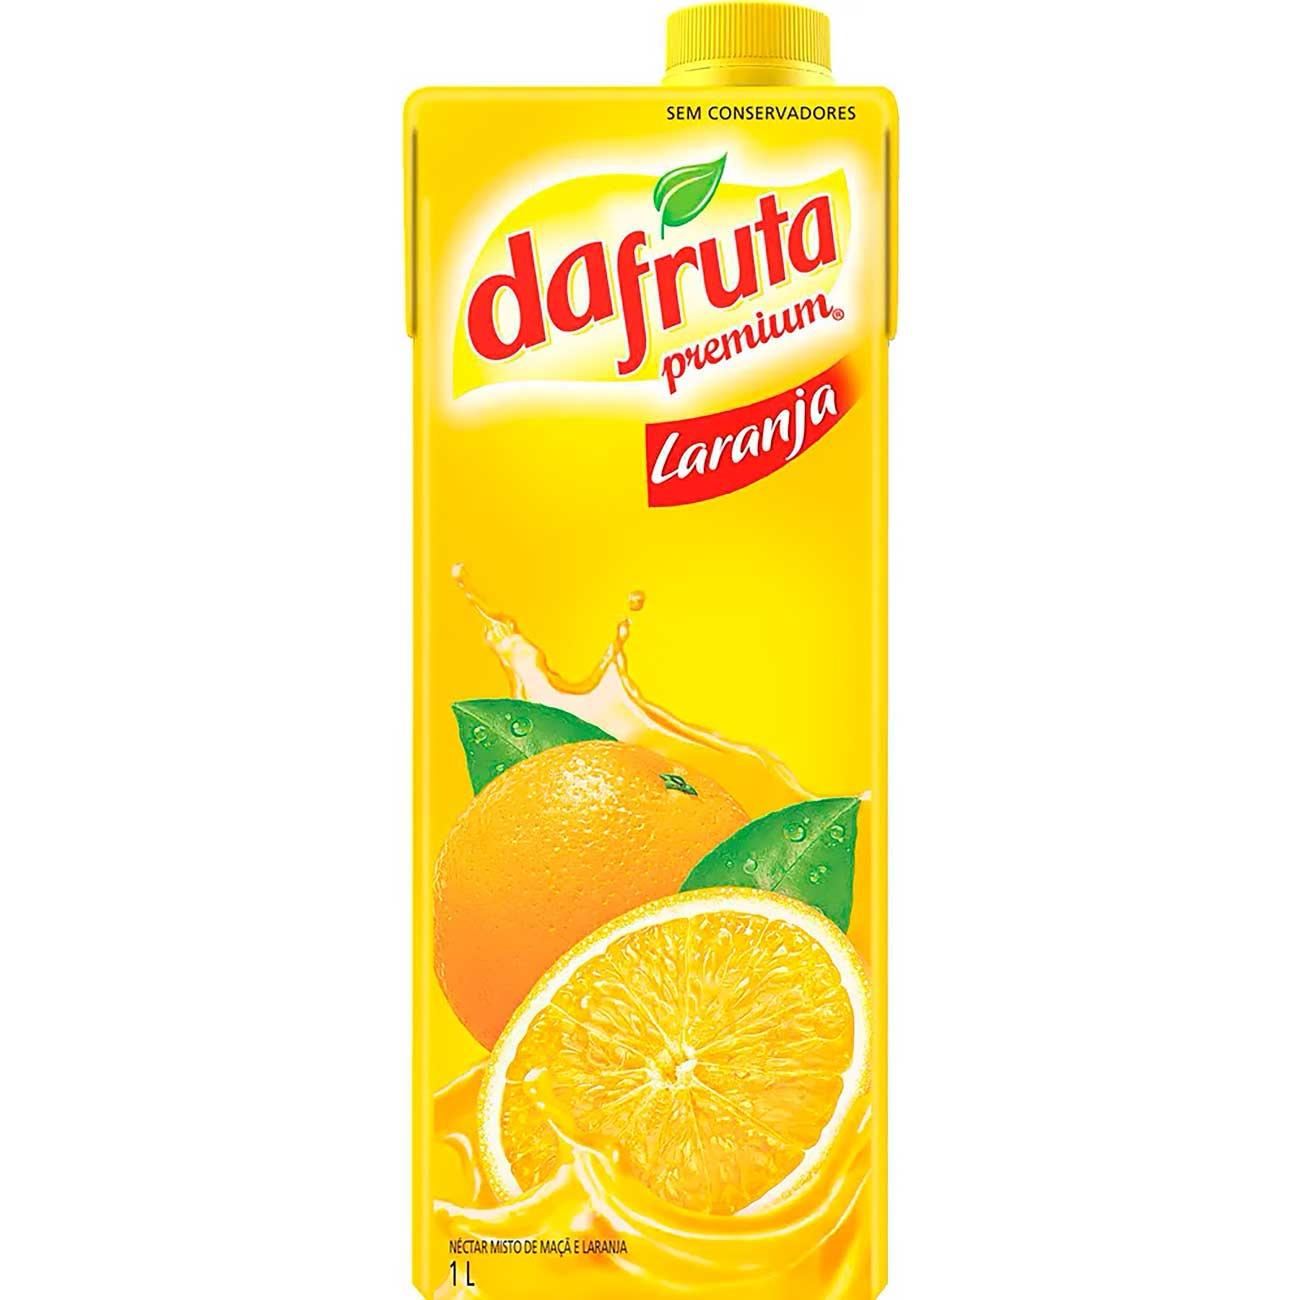 Suco Dafruta Laranja Tp 1L | Caixa com 12 unidades